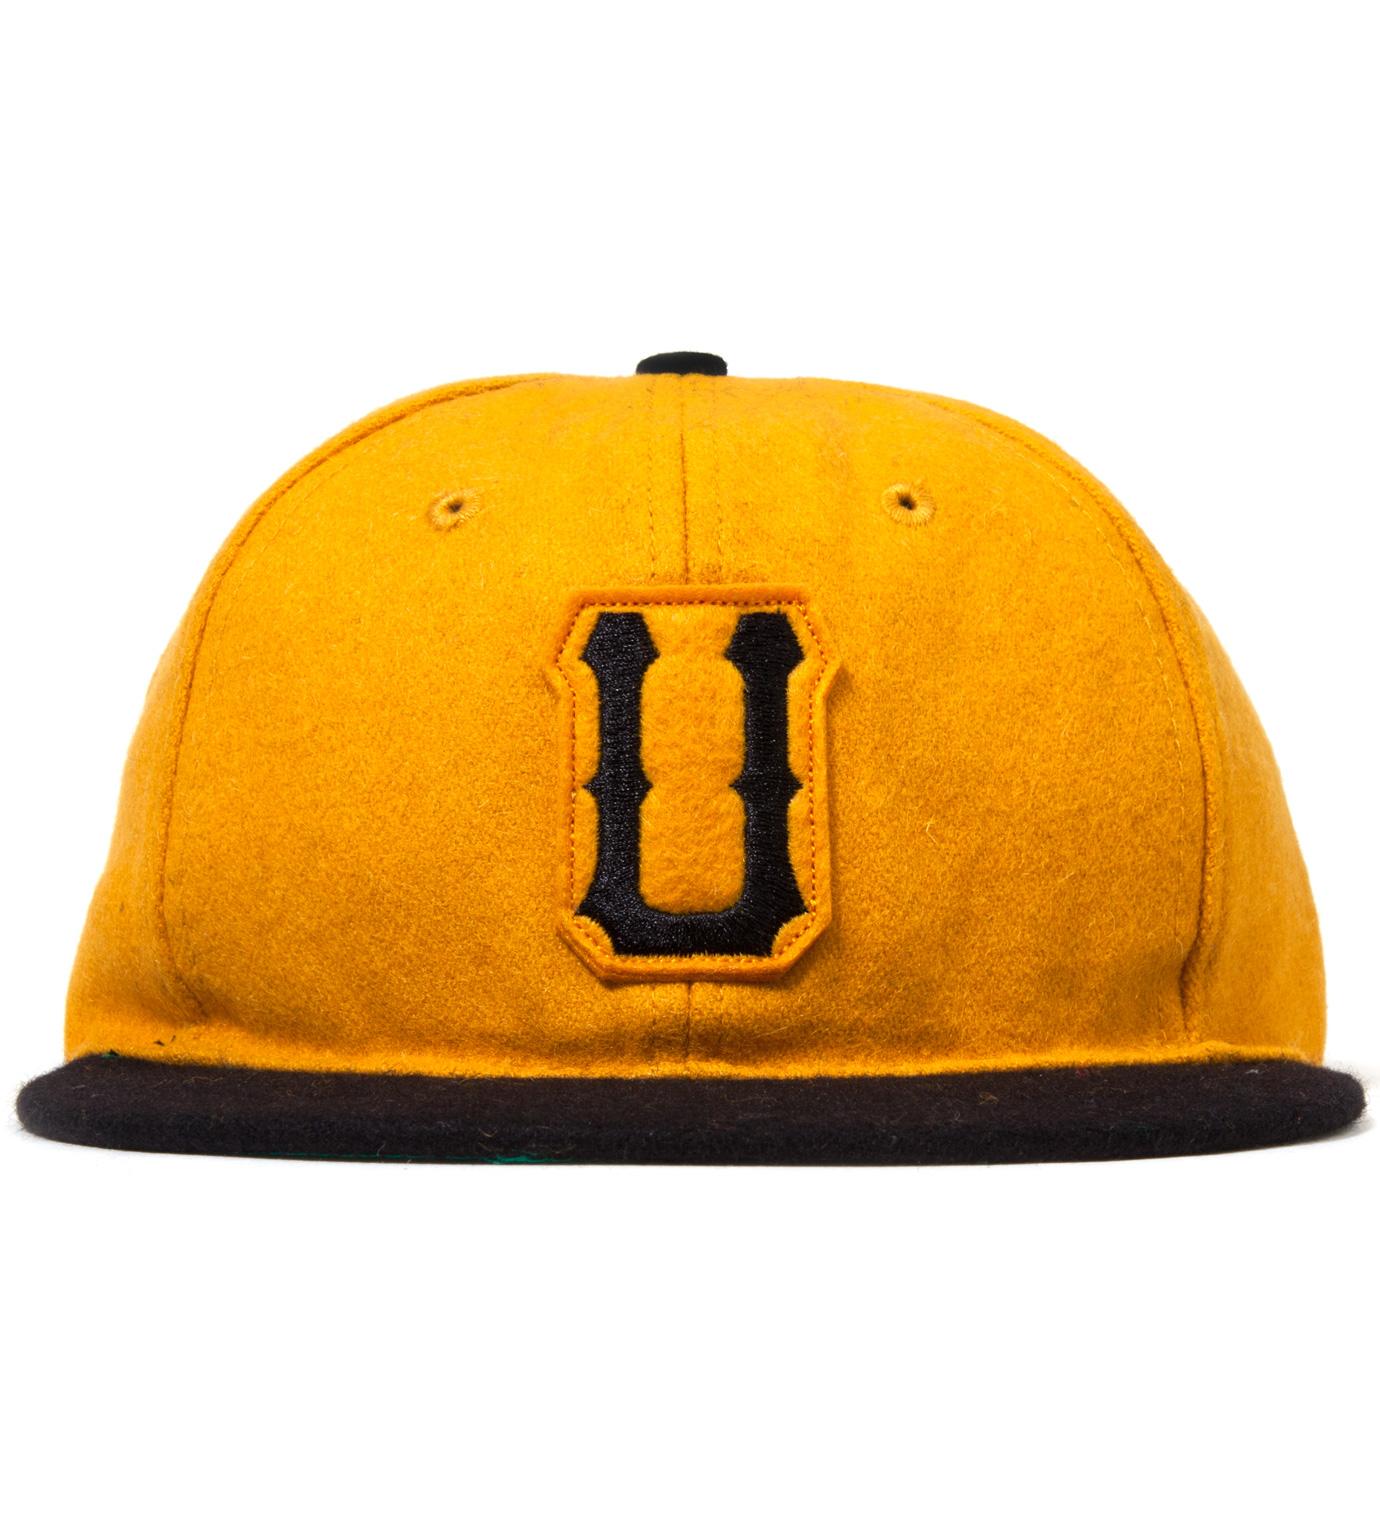 UNDEFEATED Gold Raised U Ebbets Ballcap